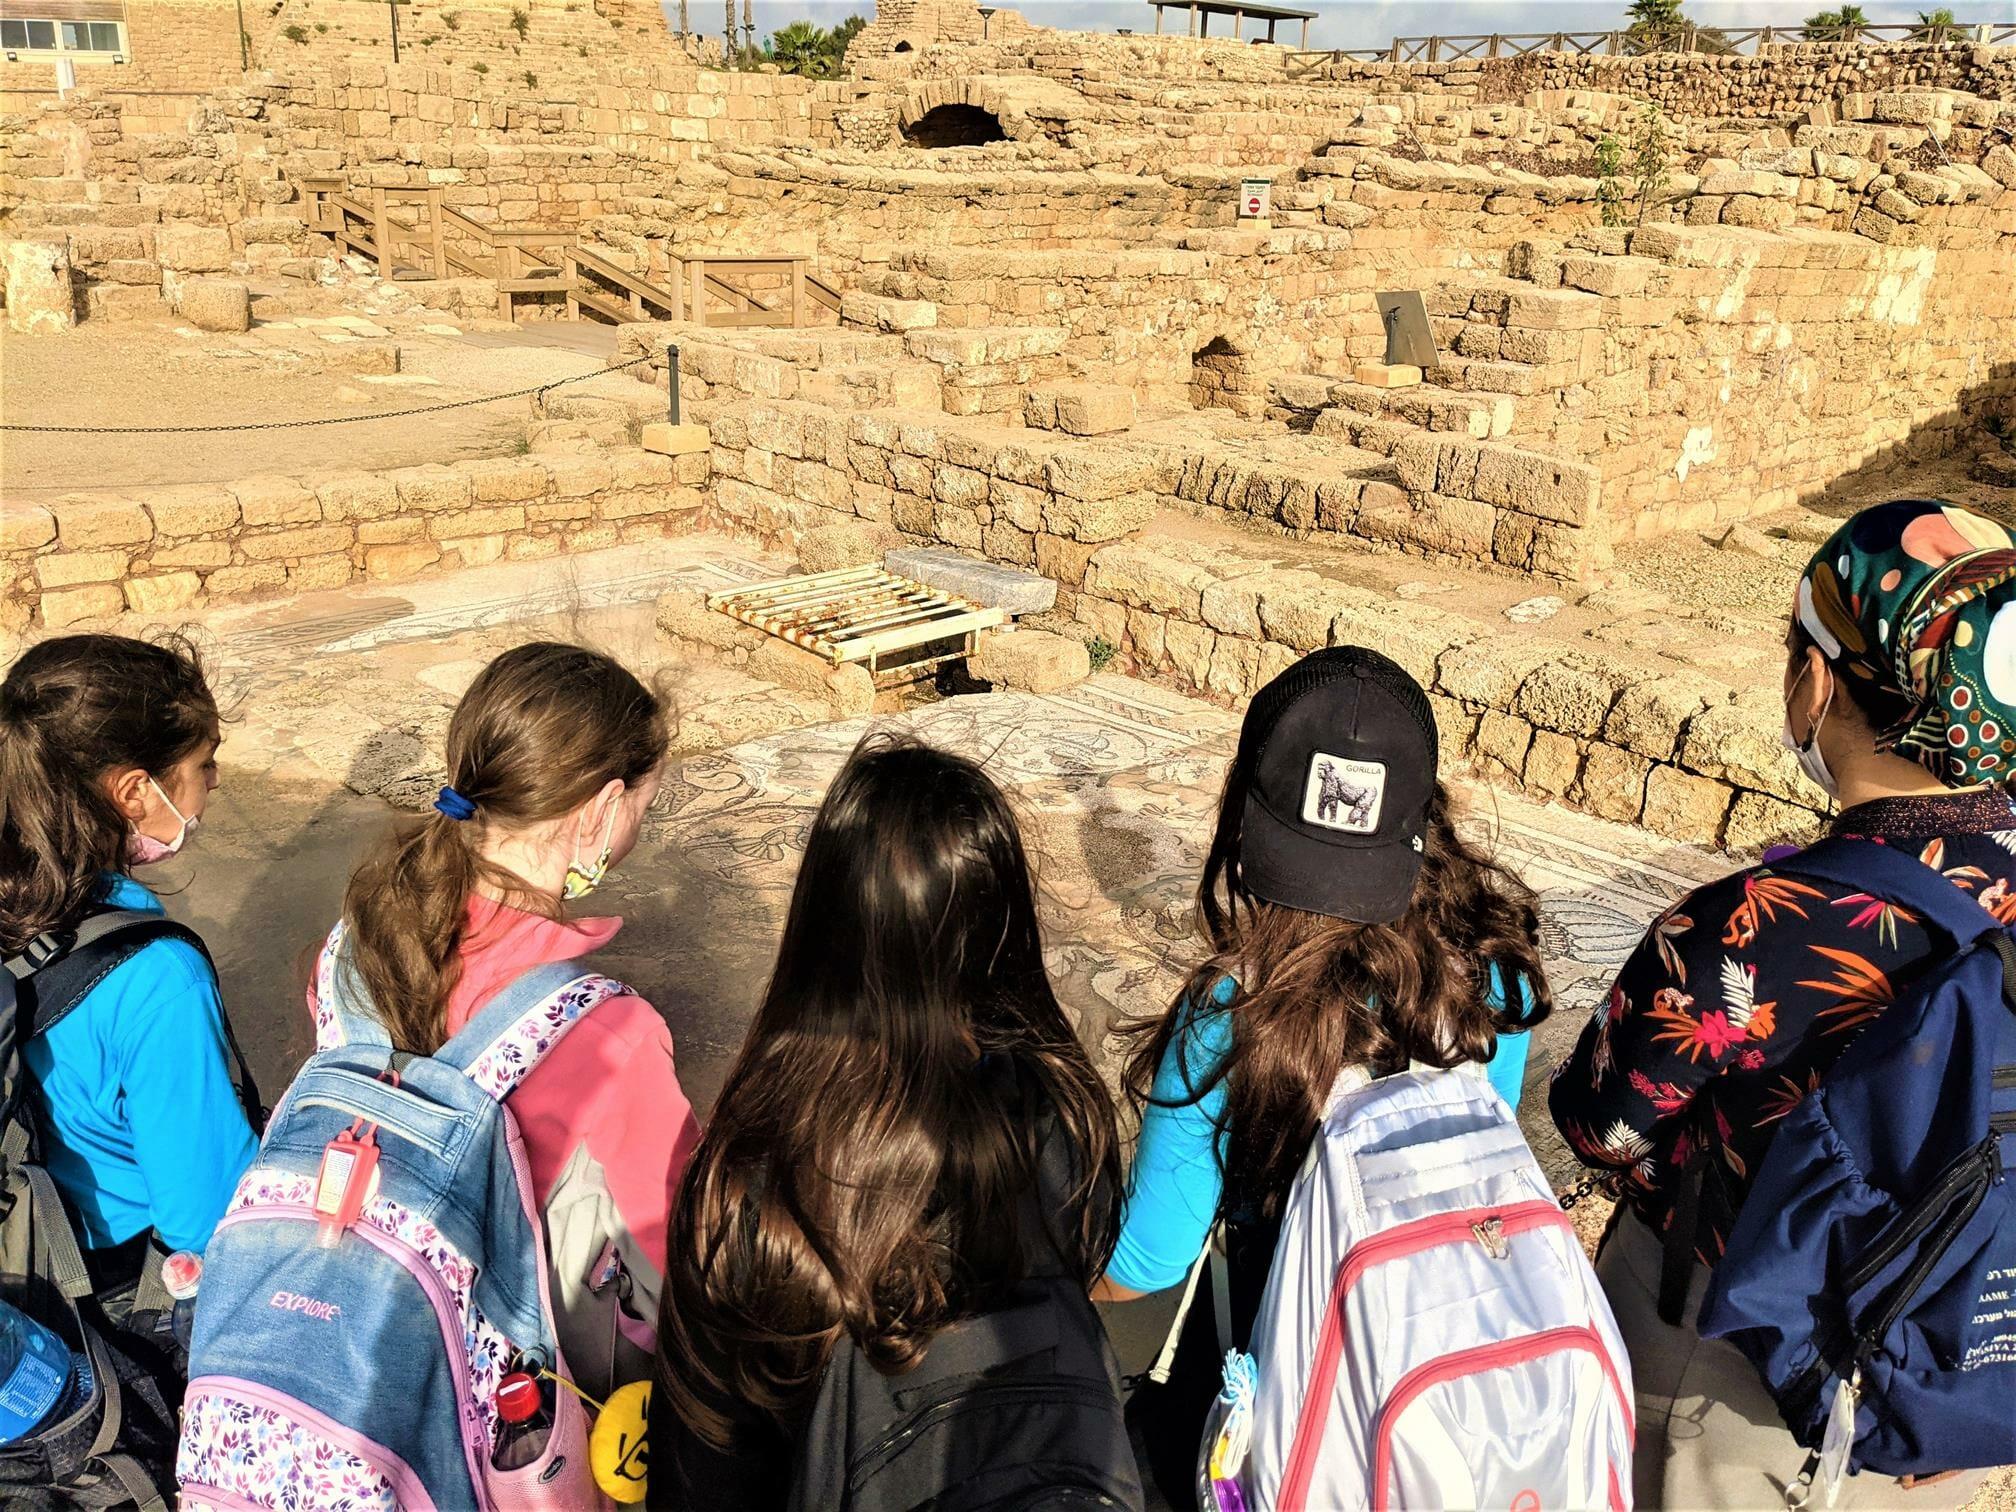 """פסיפס ביזנטי בטיול חורף לתלמידות דתיות מירושלים, קיסריה העתיקה ונחל חדרה, צילום: ד""""ר ענת אביטל"""